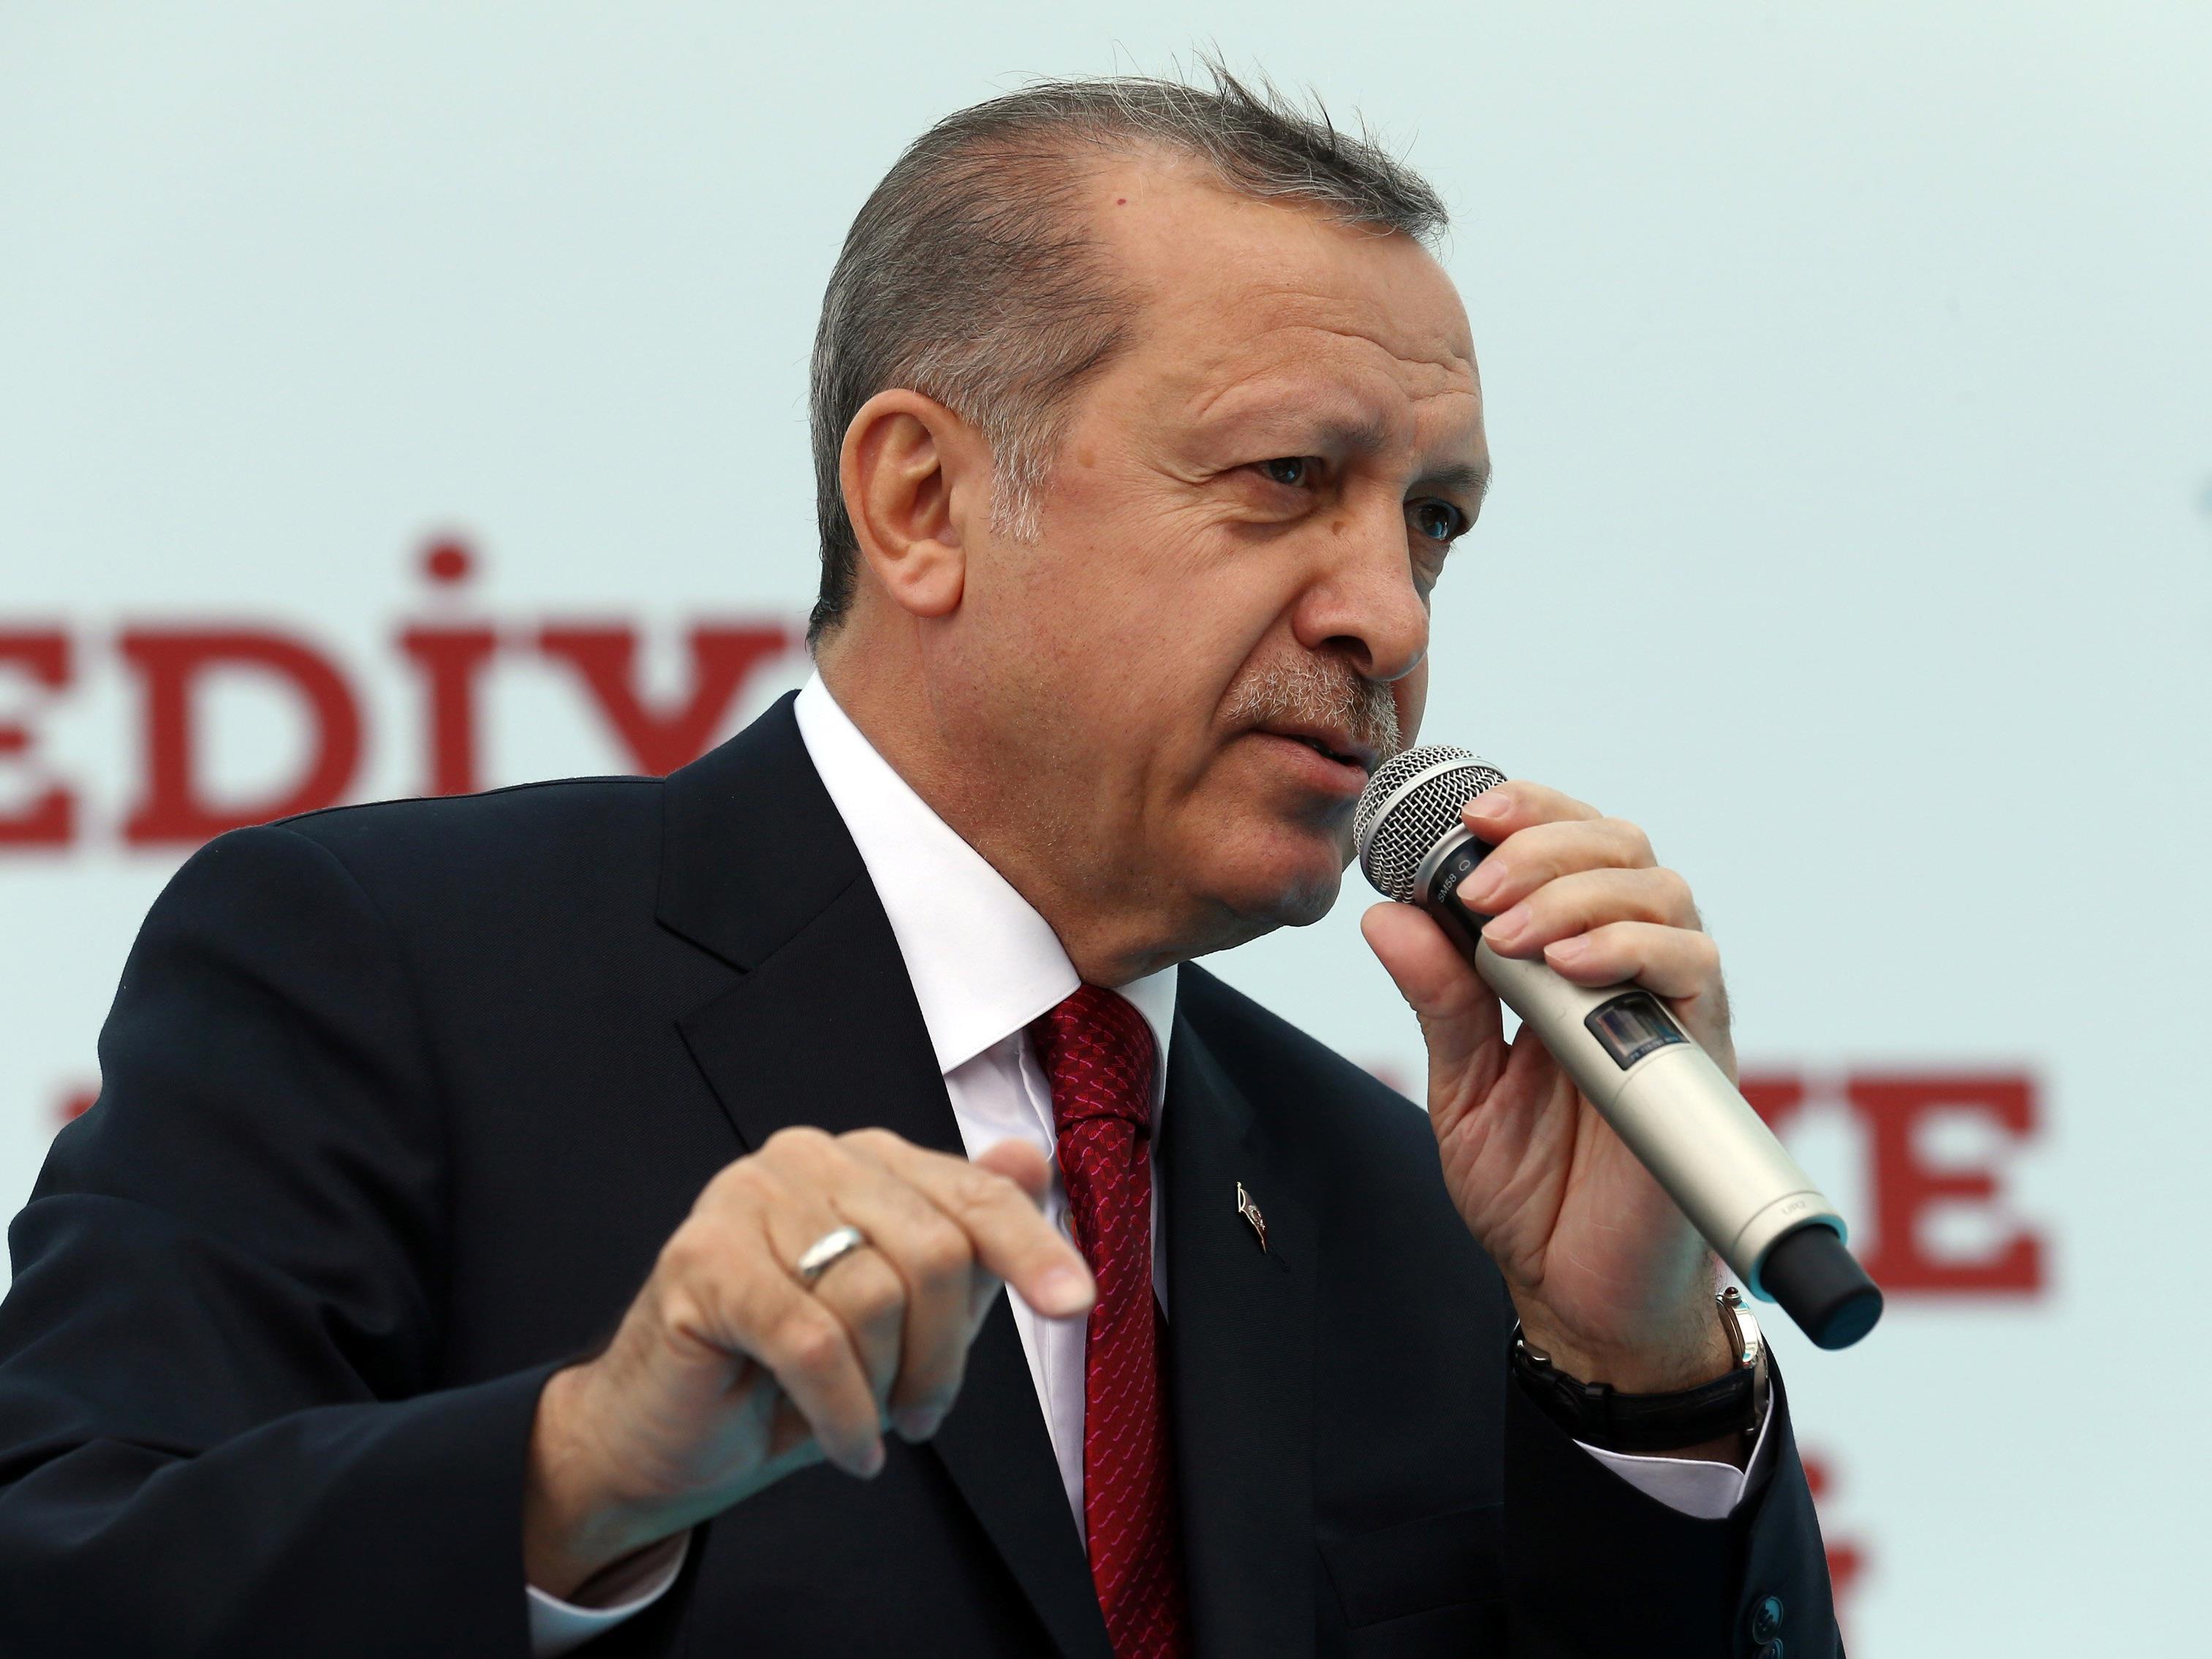 Davutoglus Rückzug schürt Sorgen vor einem weiteren Machtzuwachs für Erdogan, der die Türkei zu einem Präsidialsystem umbauen will.